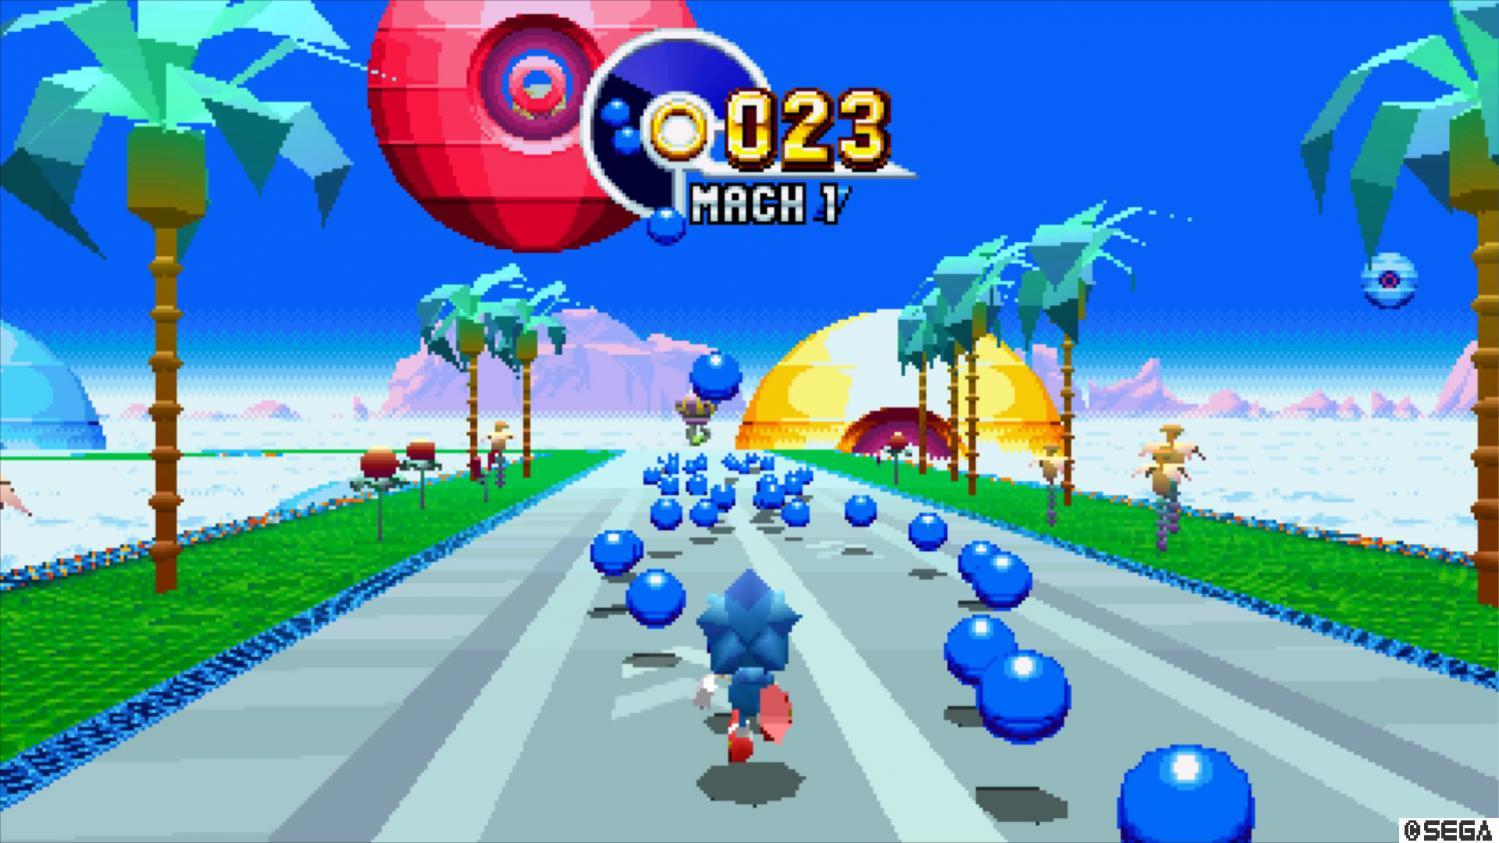 Jeux vidéo. Wipeout, Sonic, Crash Bandicoot, Metroid, les vieux pots et les bonnes soupes